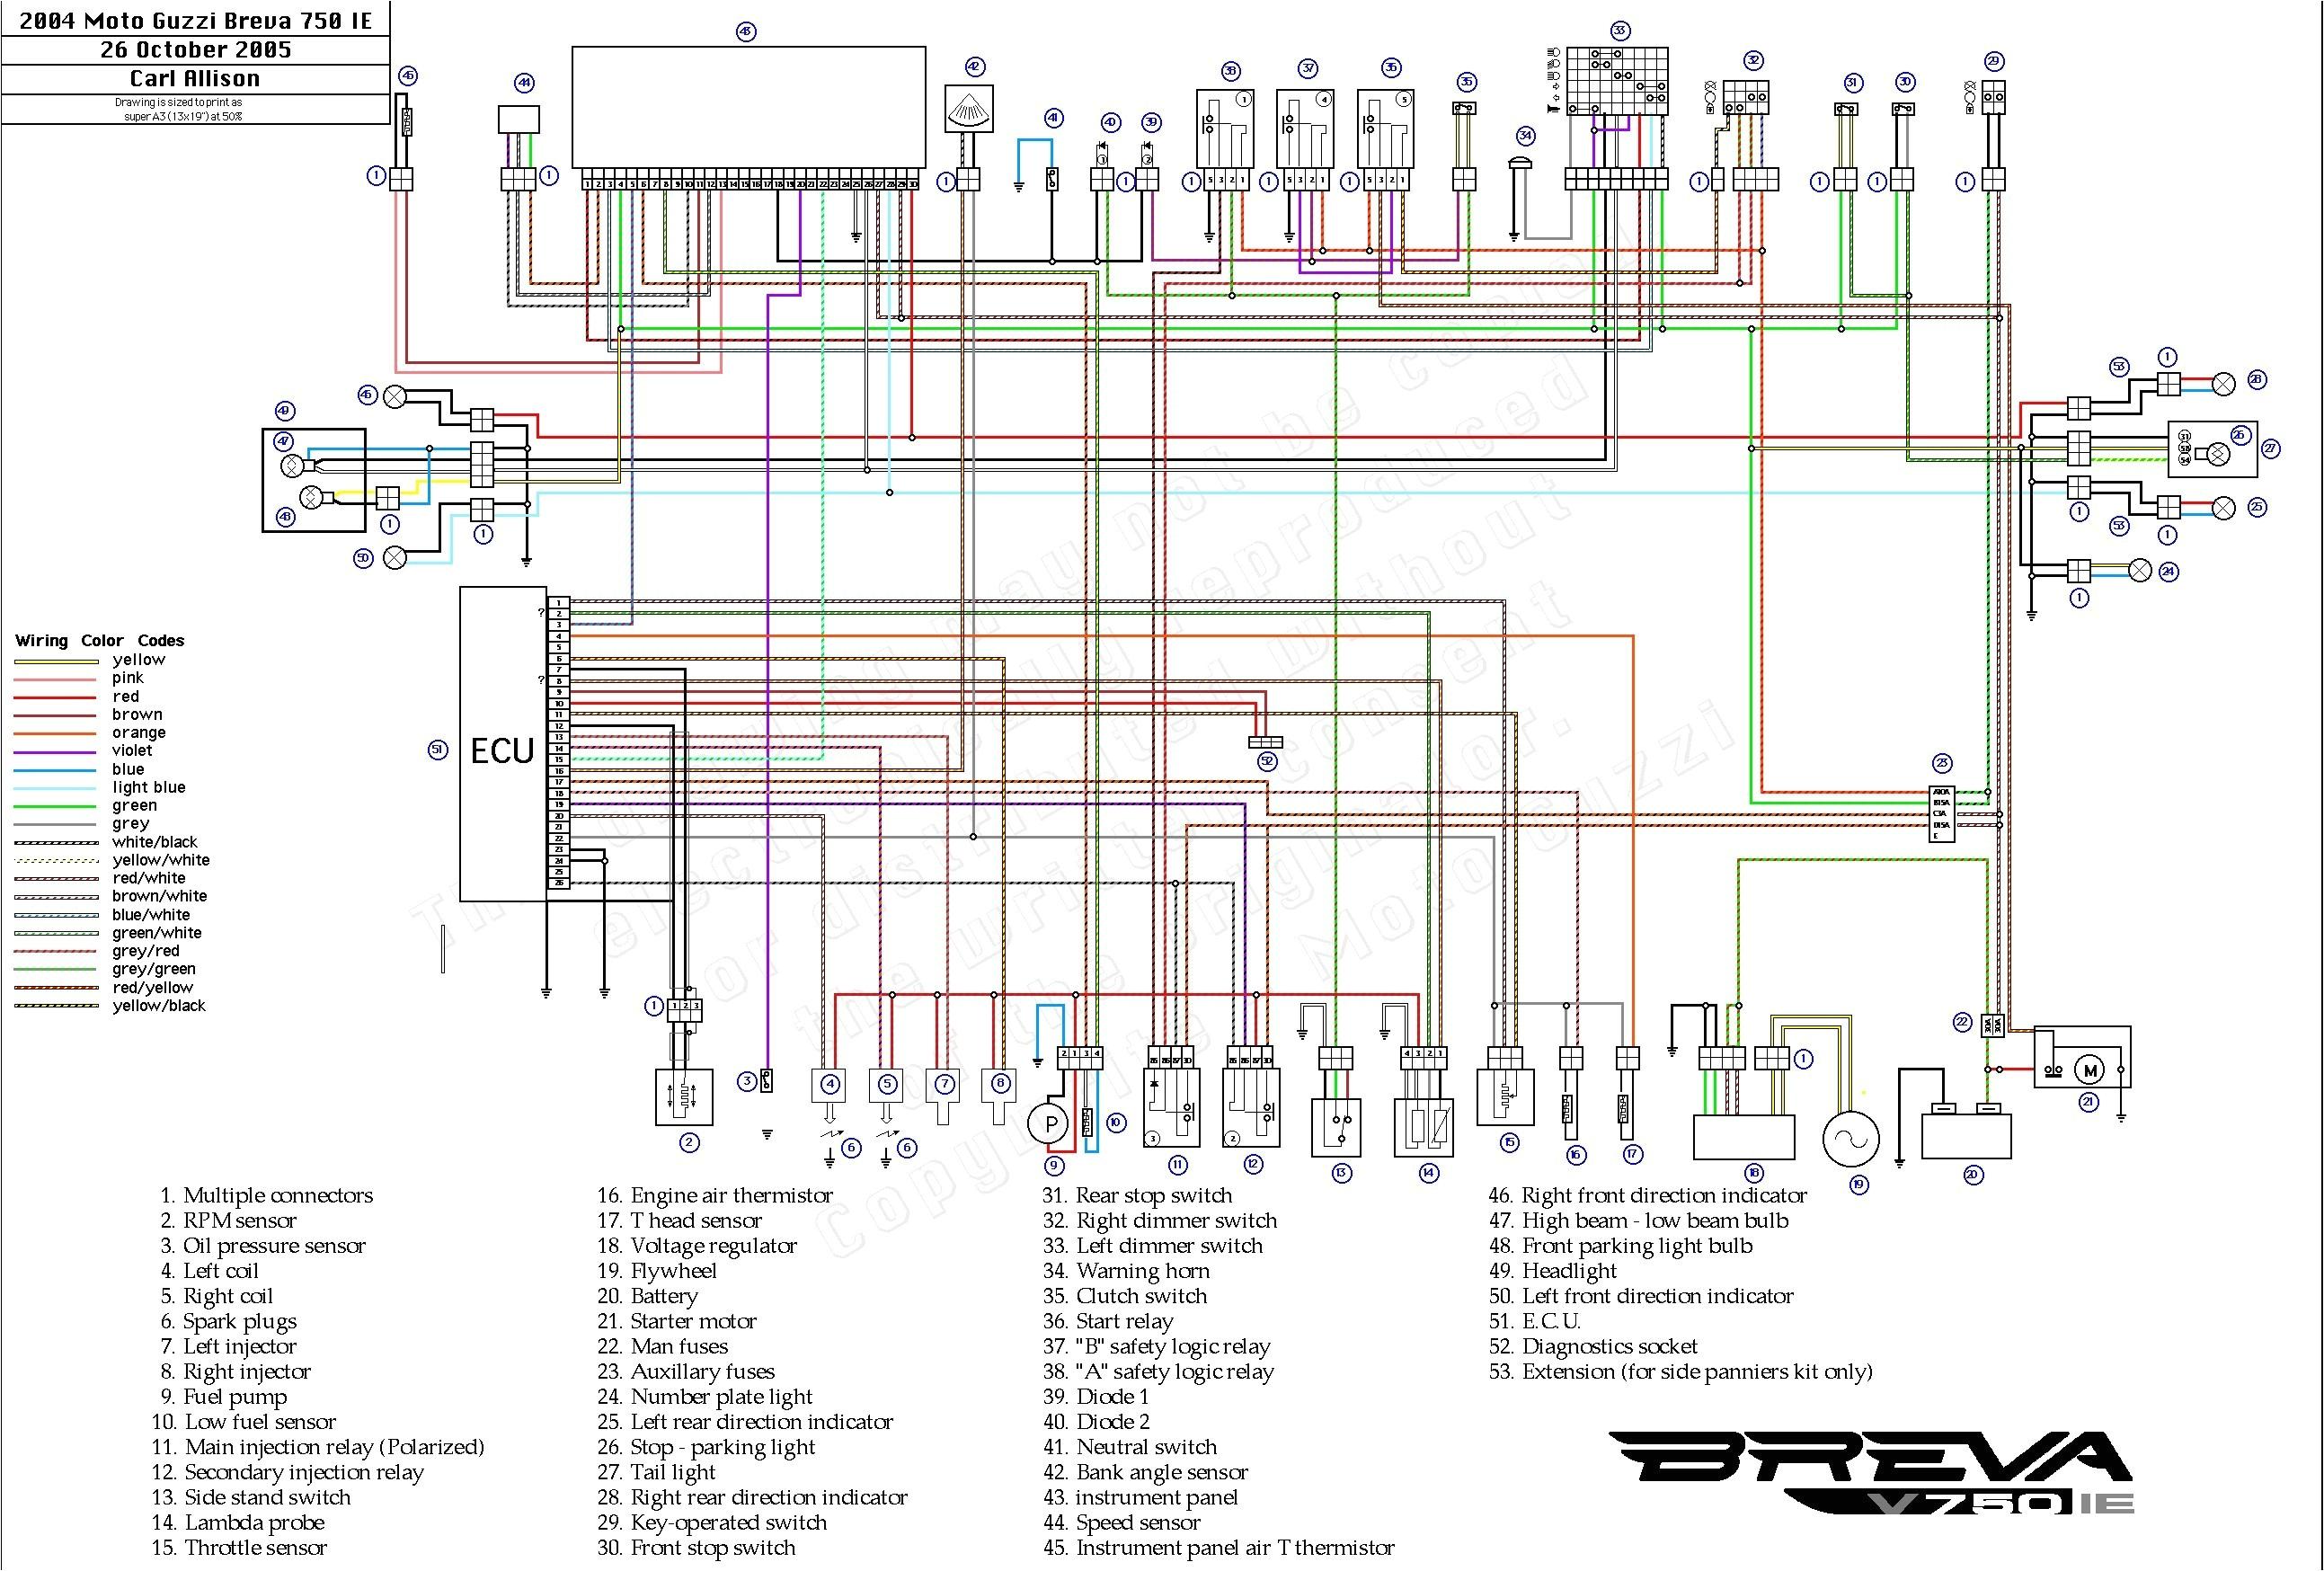 1995 dodge ram engine diagram online manuual of wiring diagram 1997 dodge ram 1500 headlight switch wiring harness